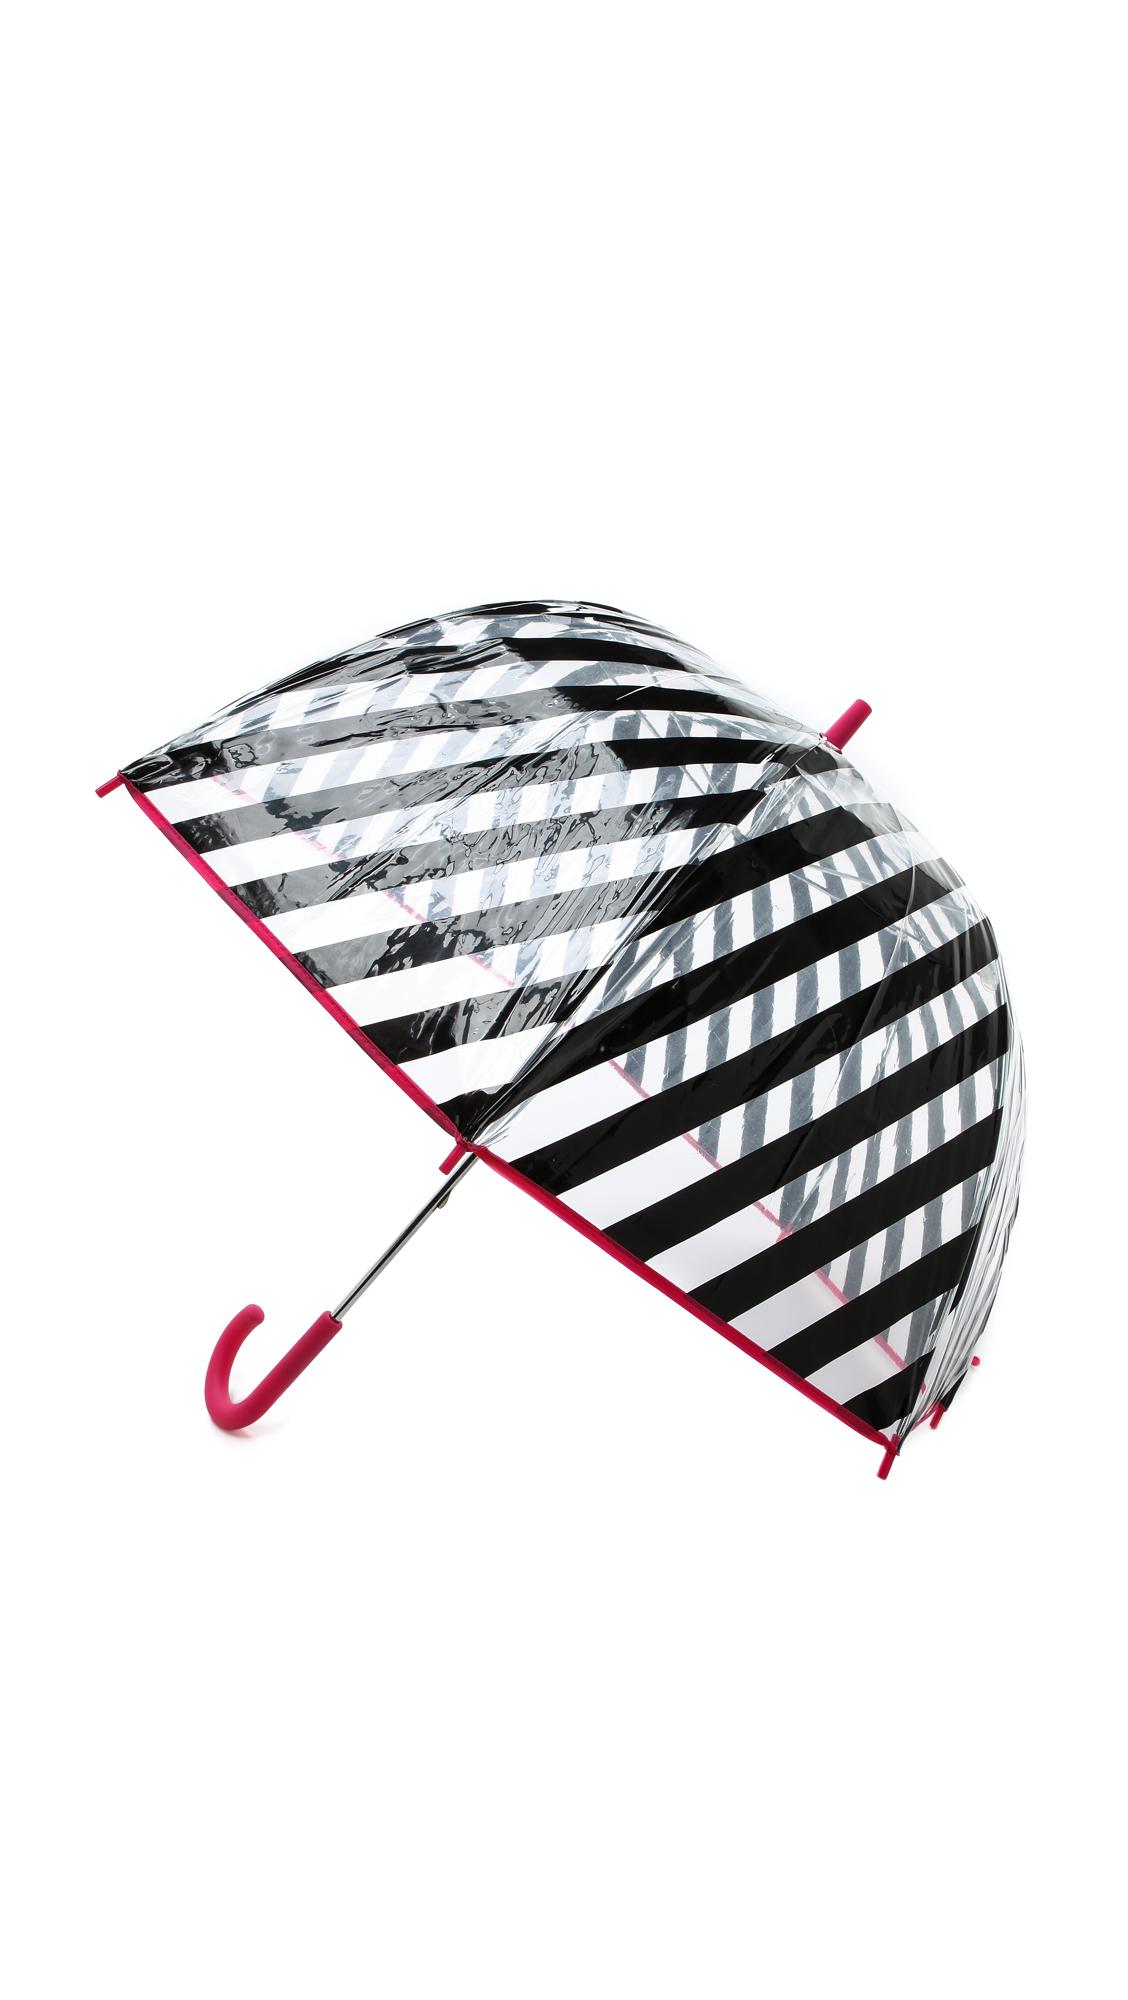 Kate Spade New York Black Stripe Umbrella - Black Stripe Multi